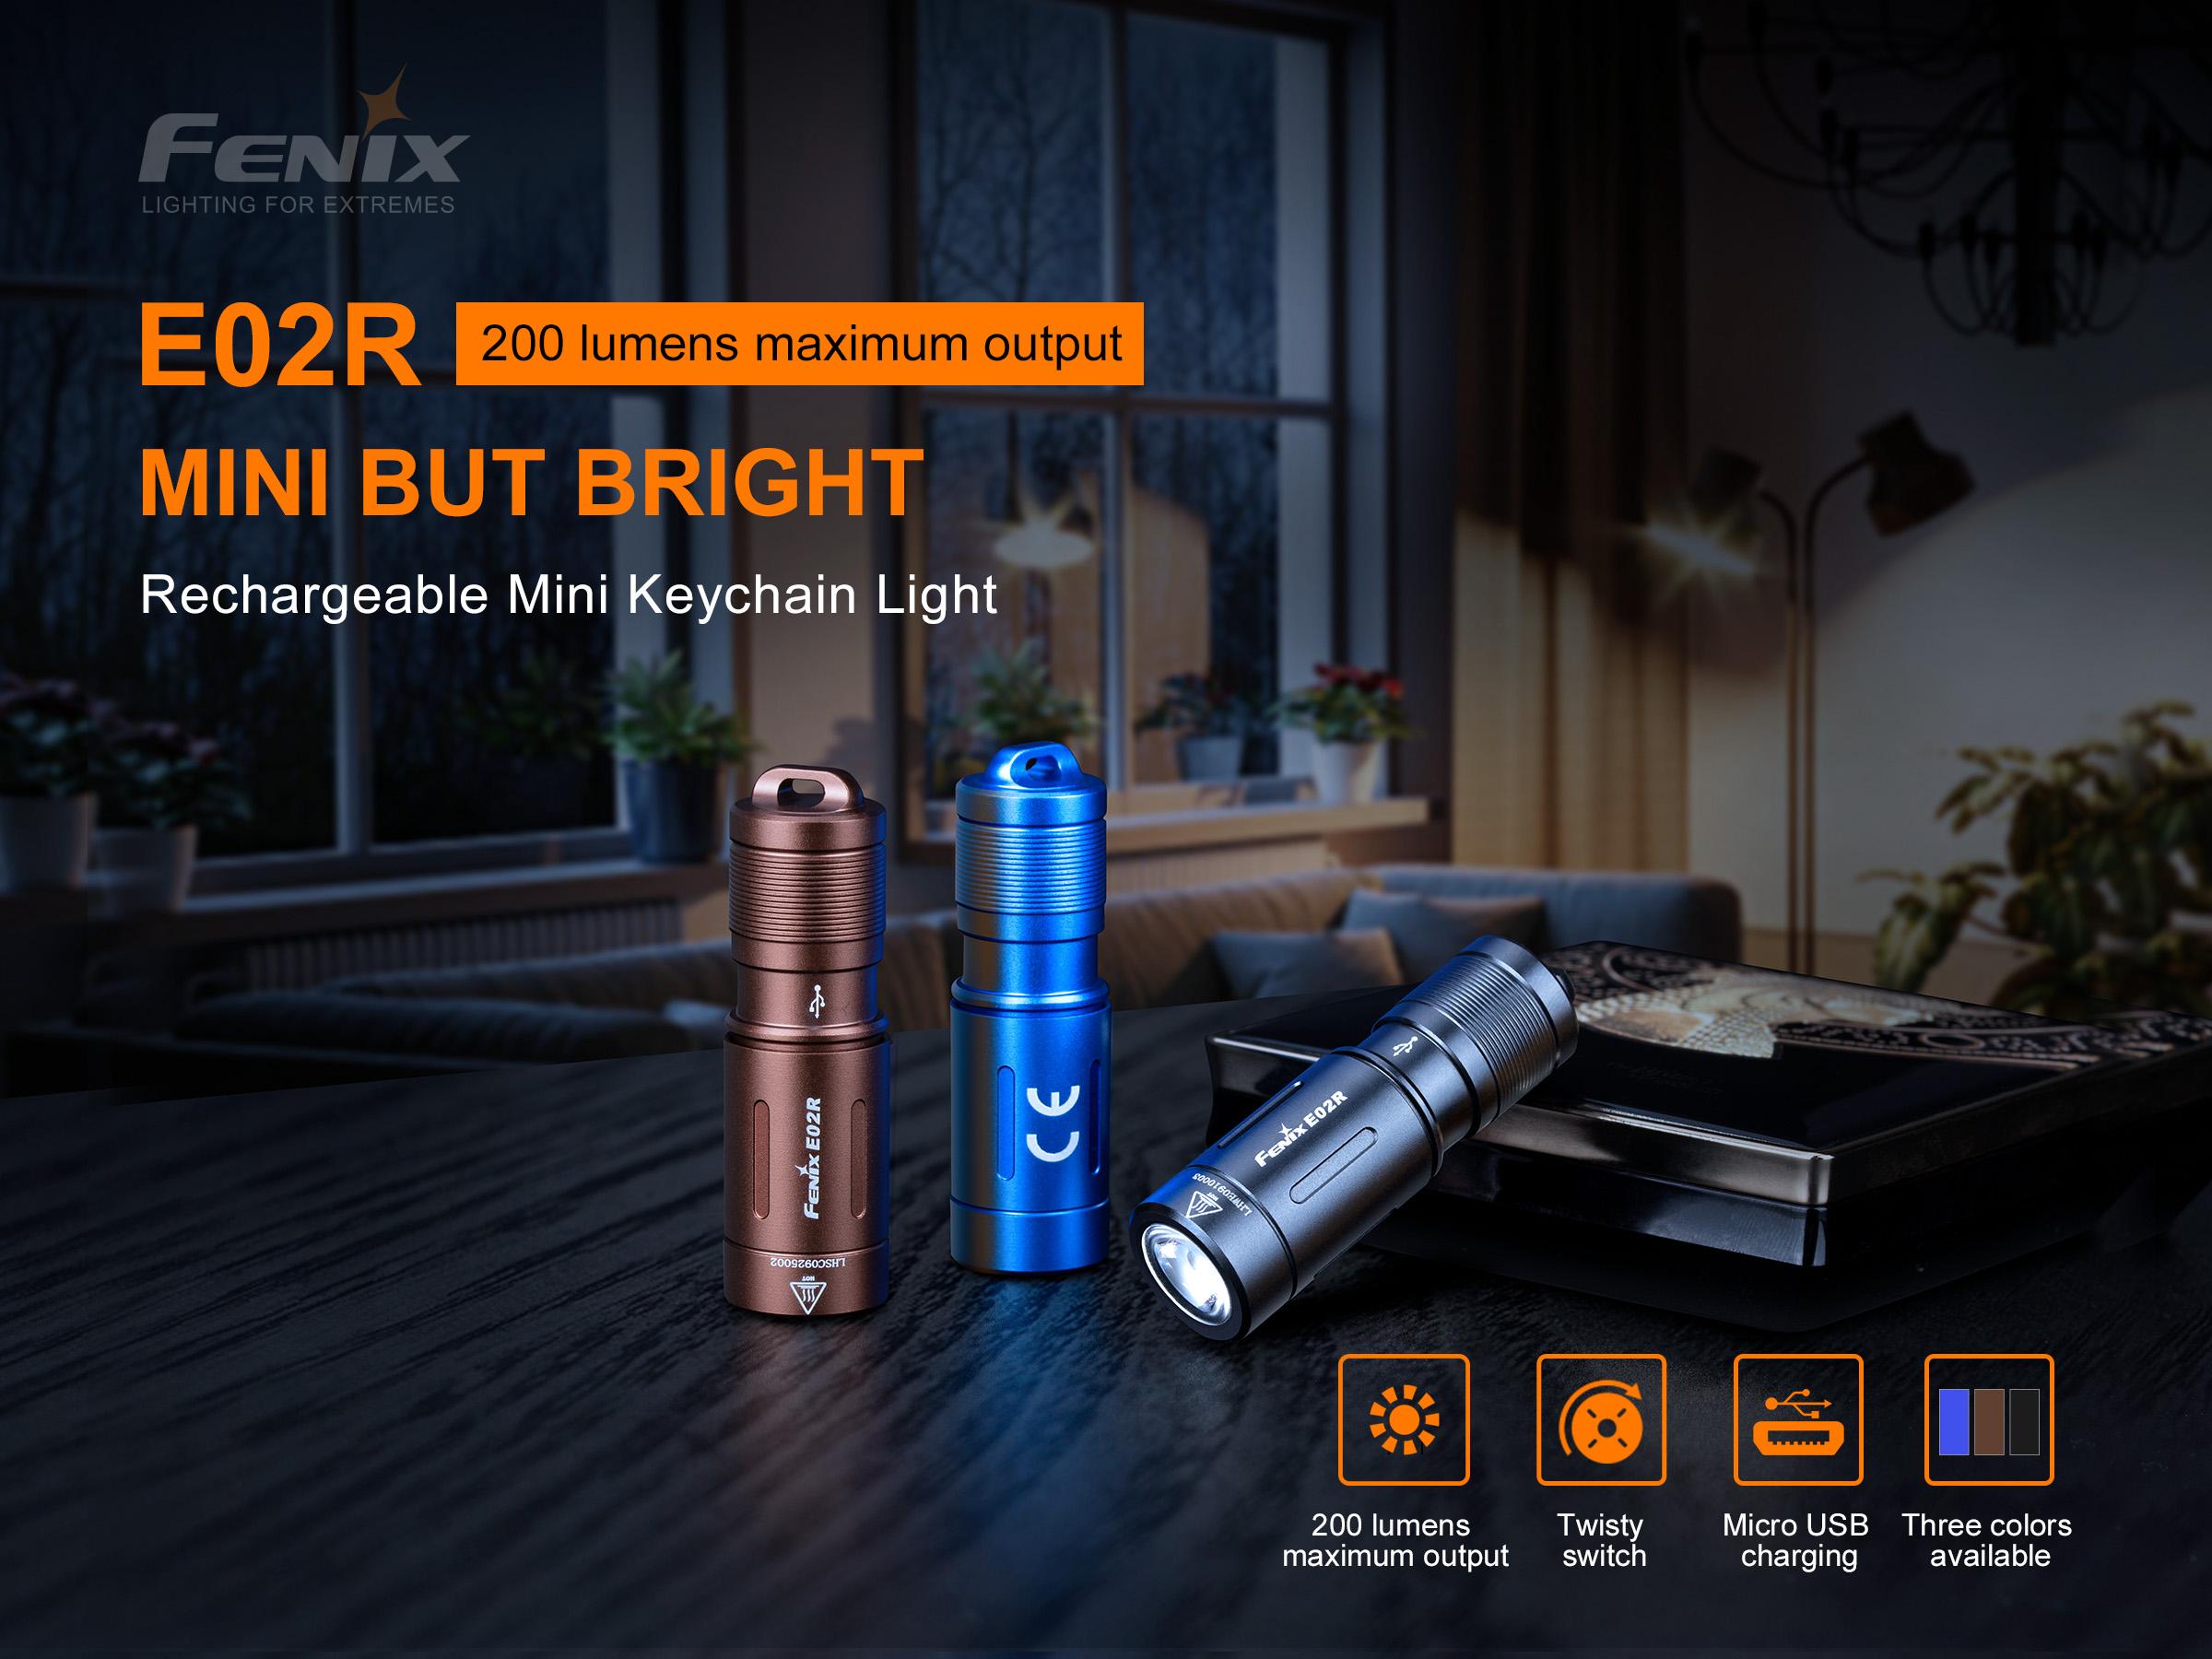 Fenix E02R keychain flashlight